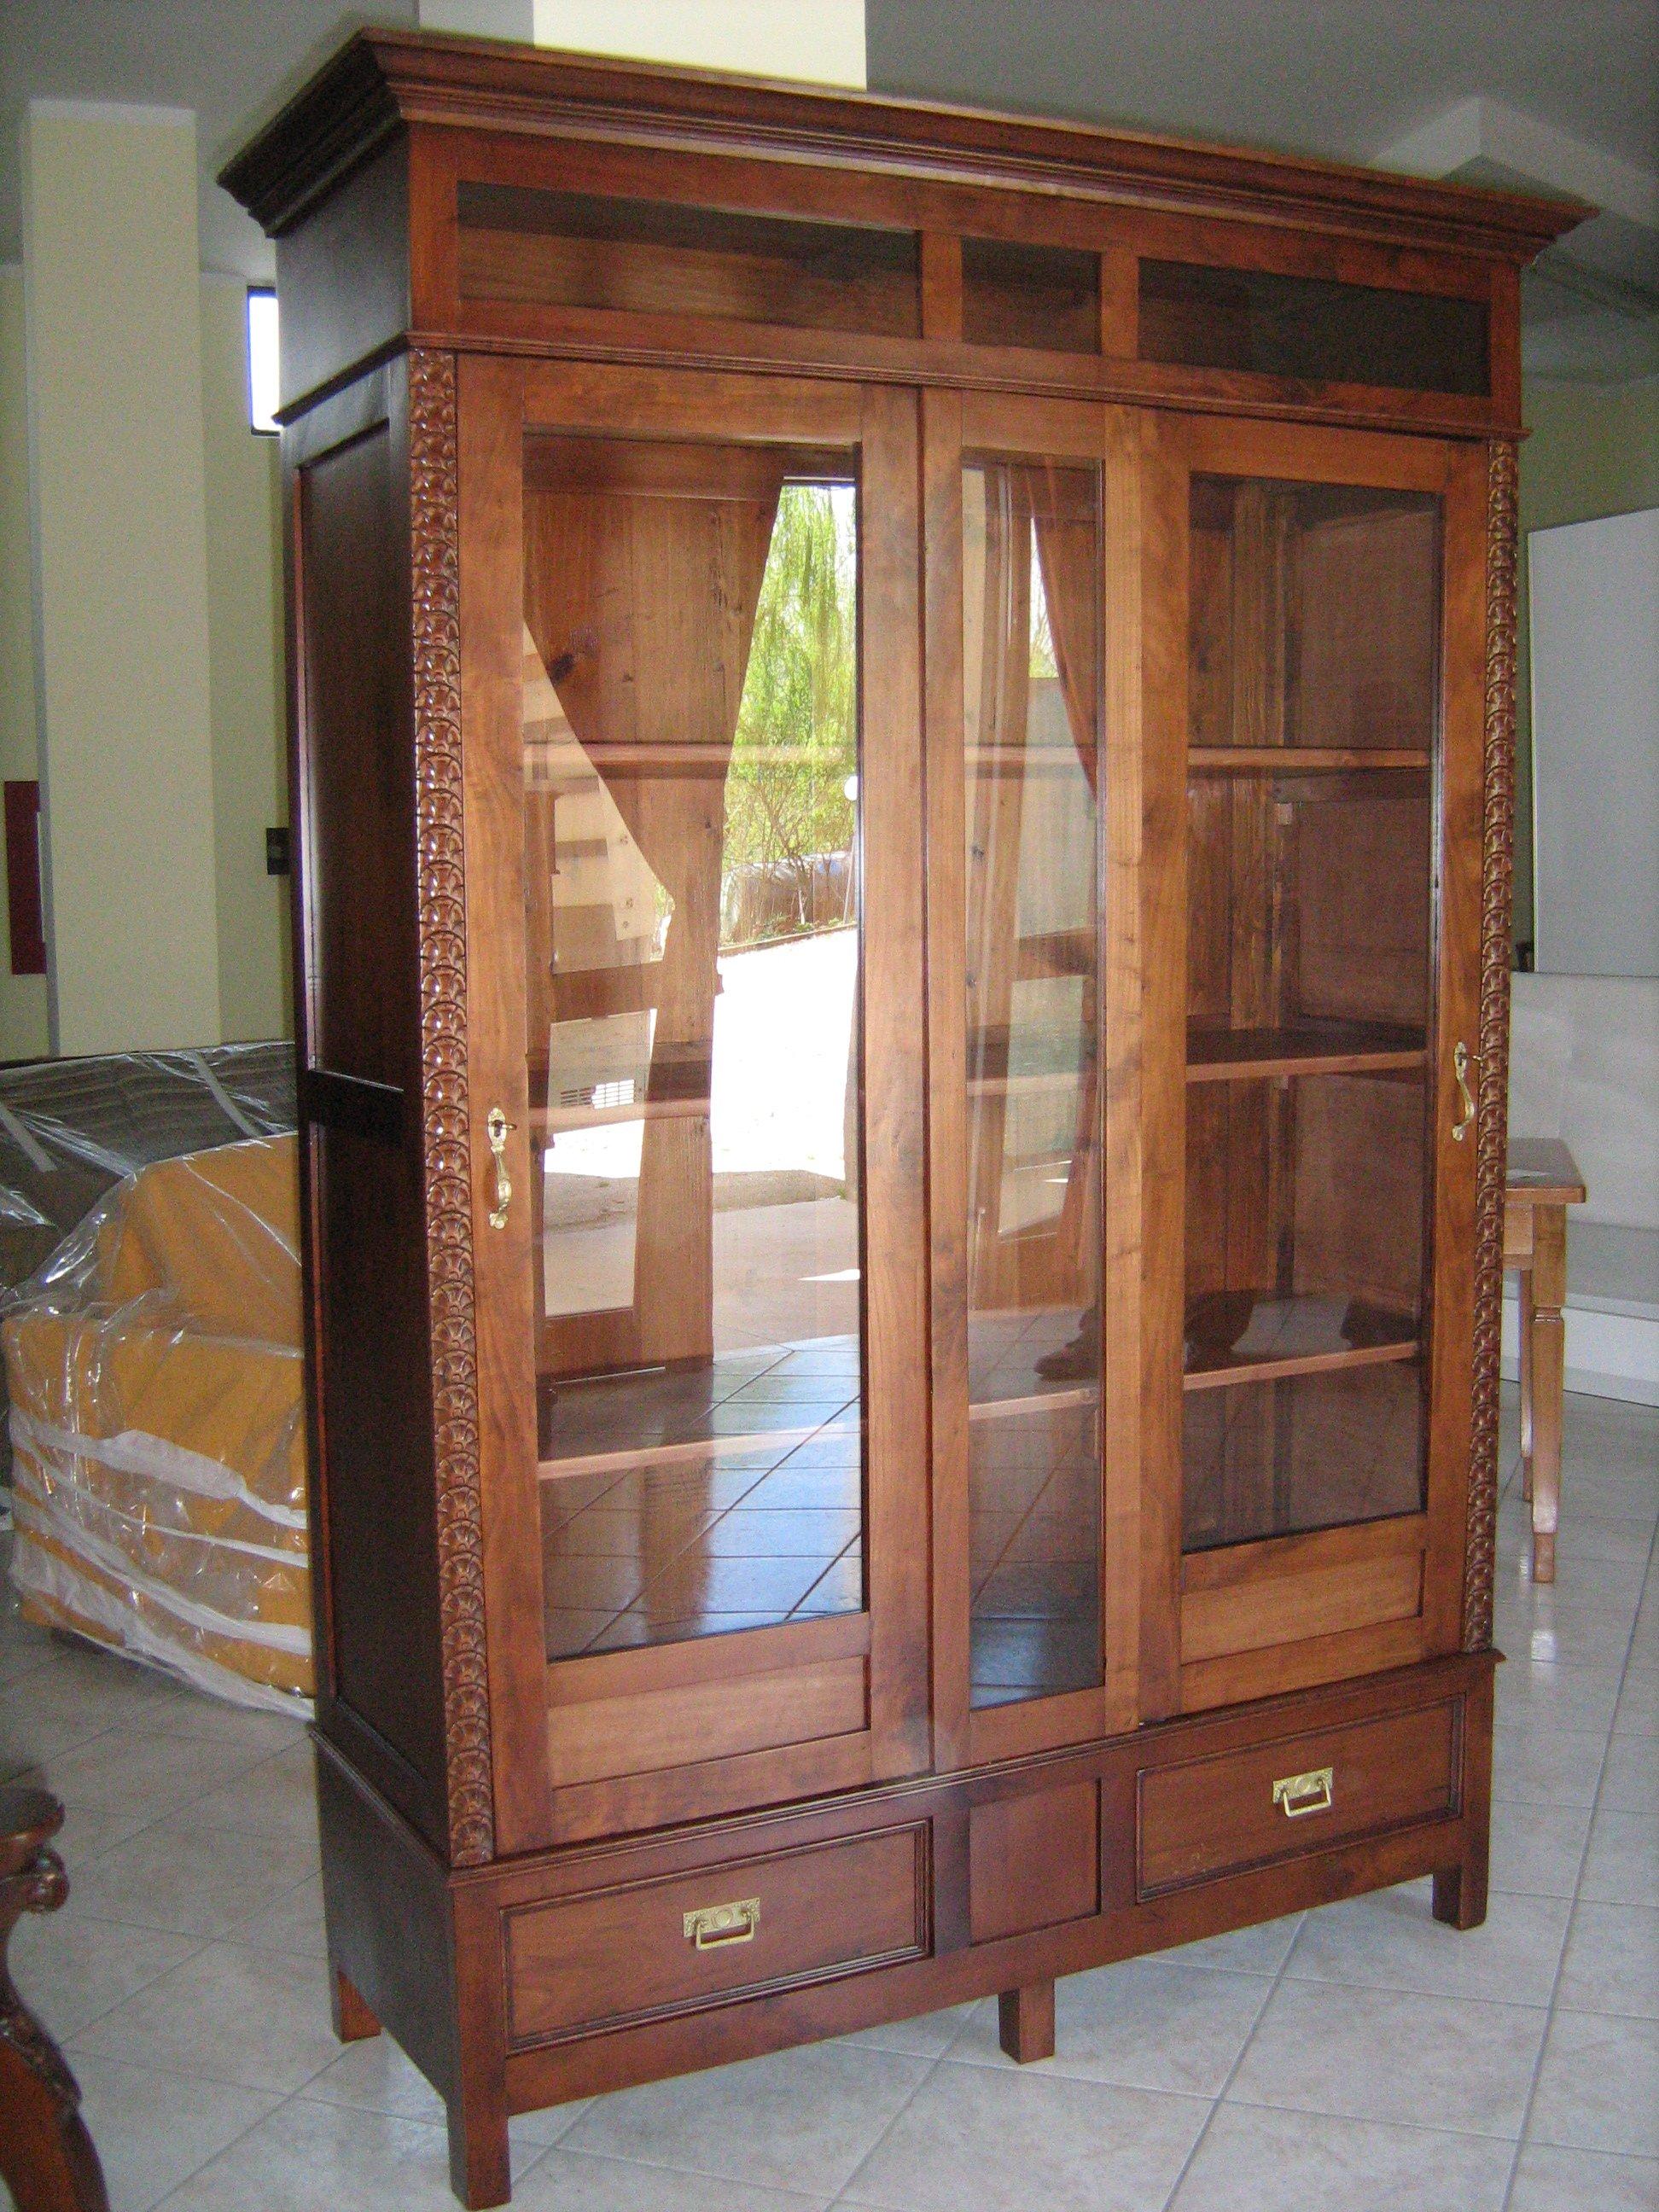 Lo stesso mobile con le porte aperte mostrando la organizzazione interna